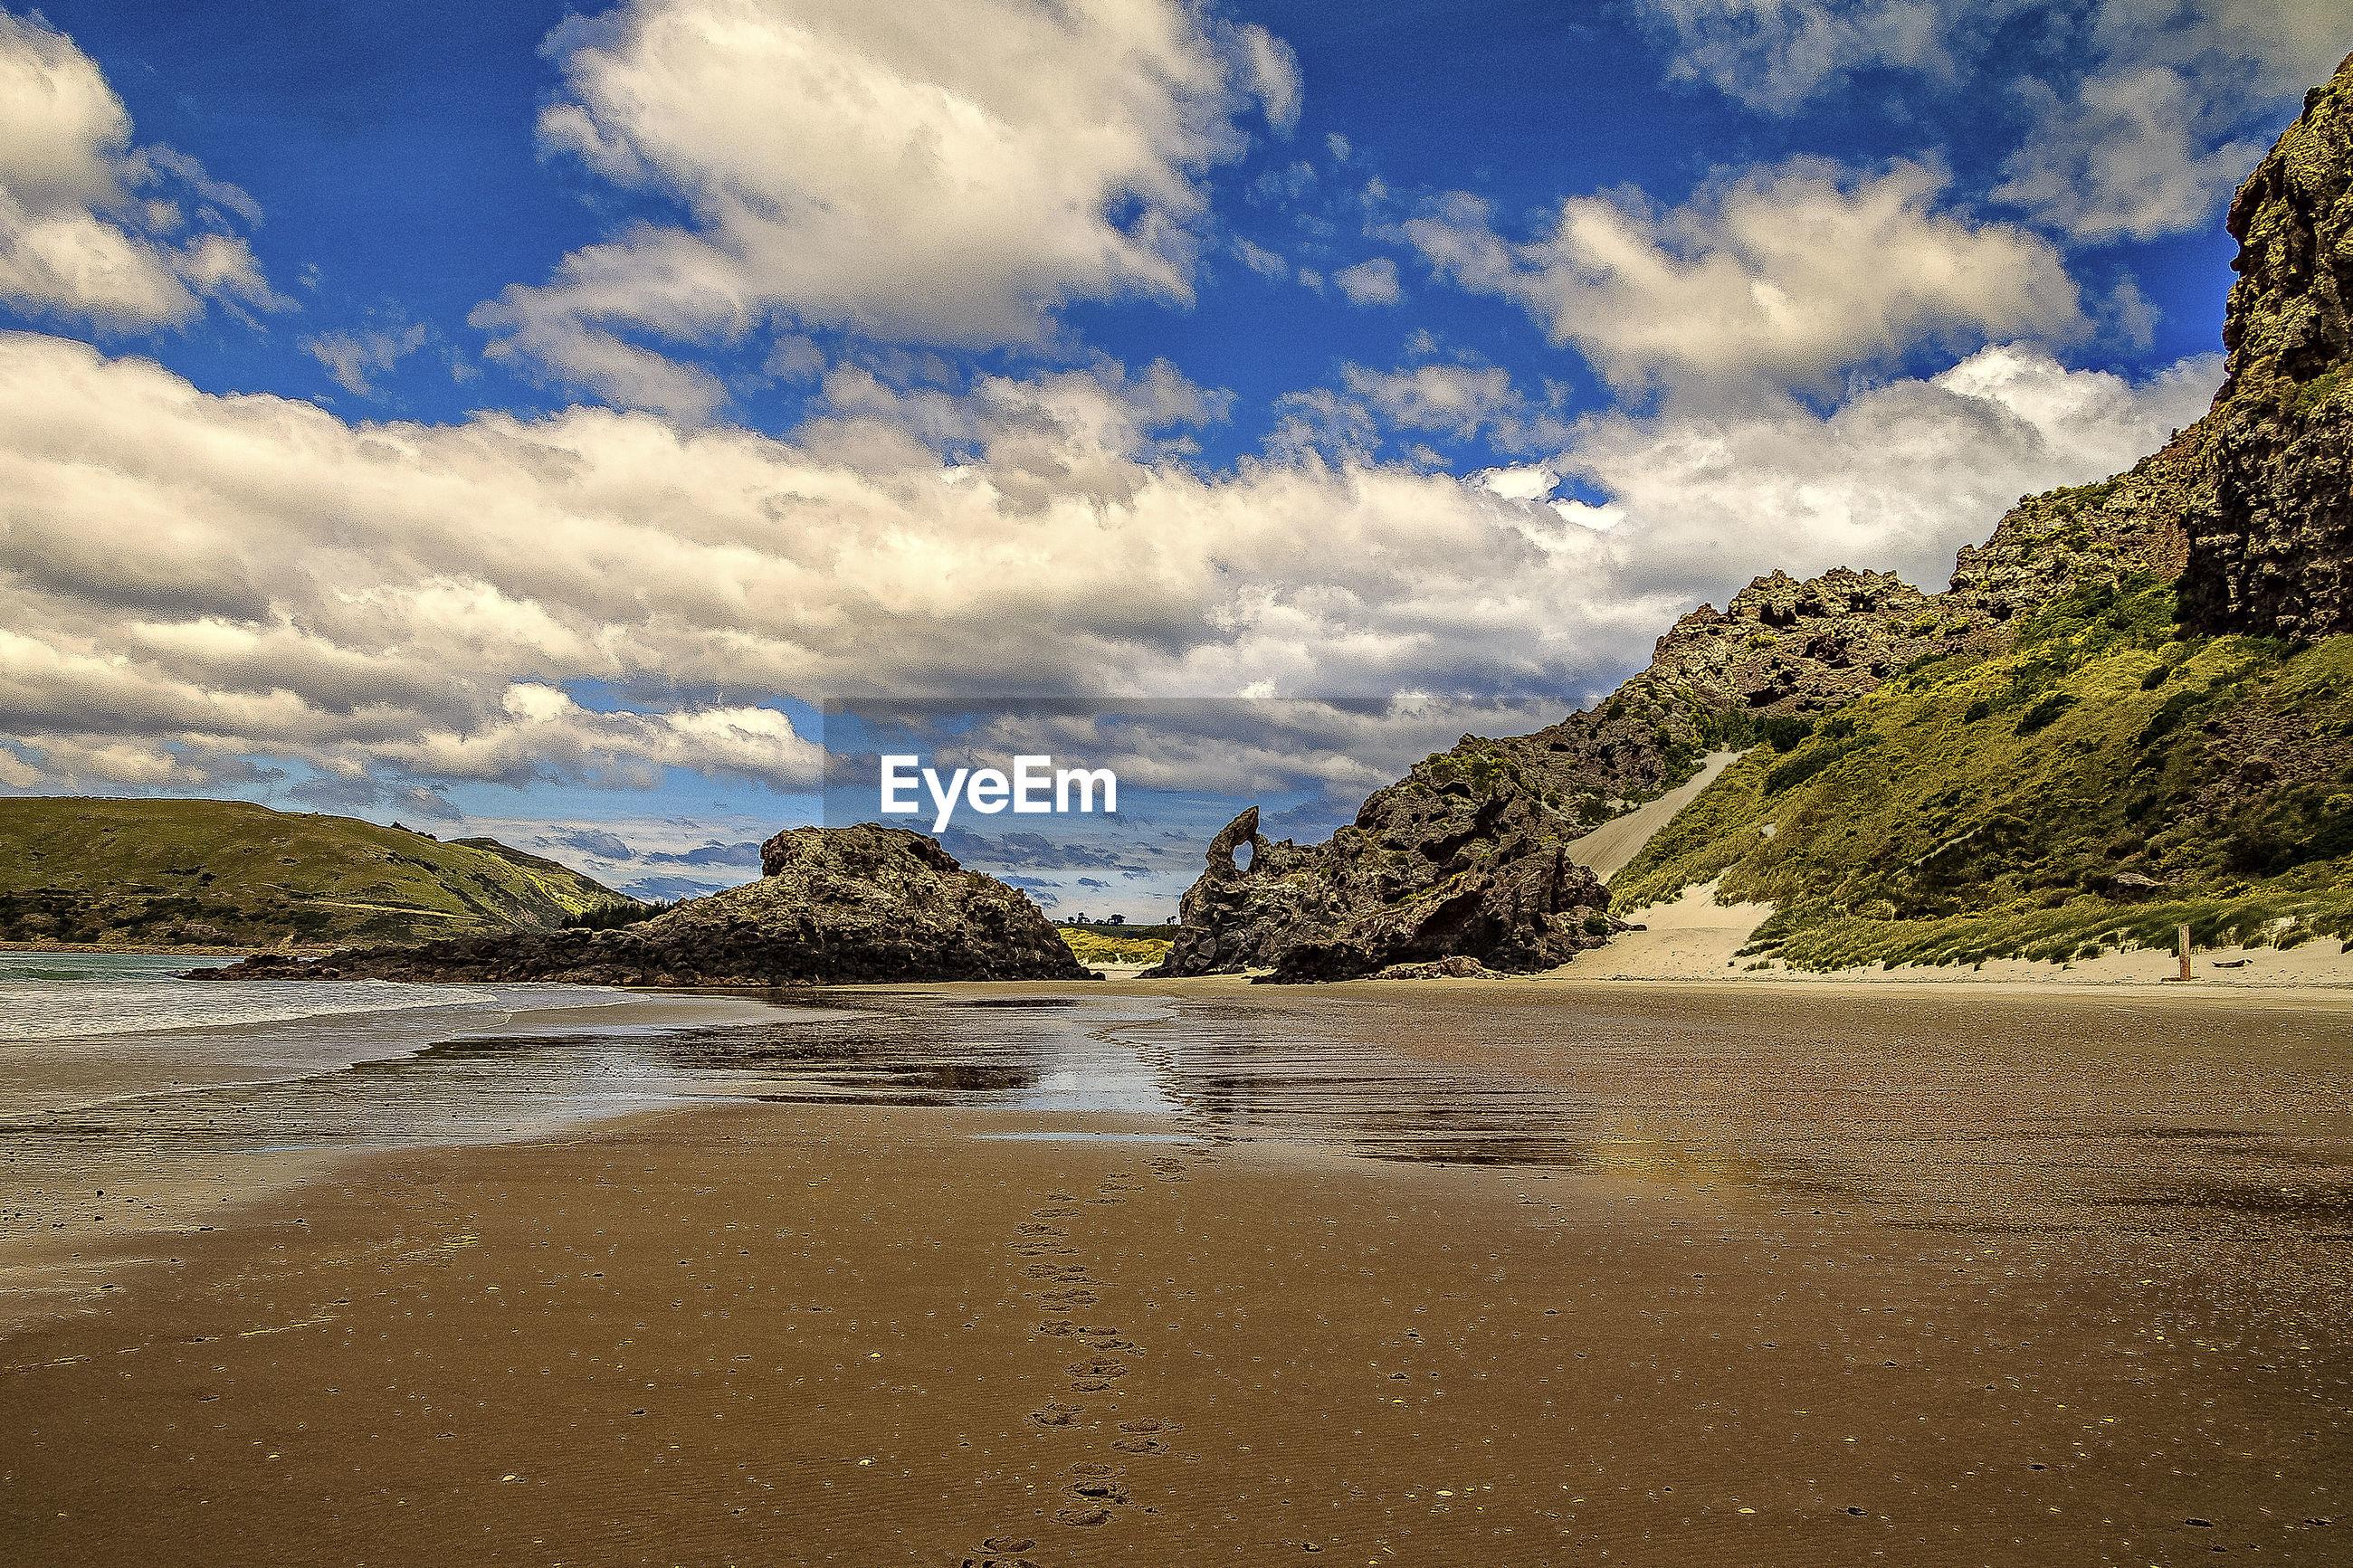 FULL FRAME SHOT OF WET BEACH AGAINST SKY